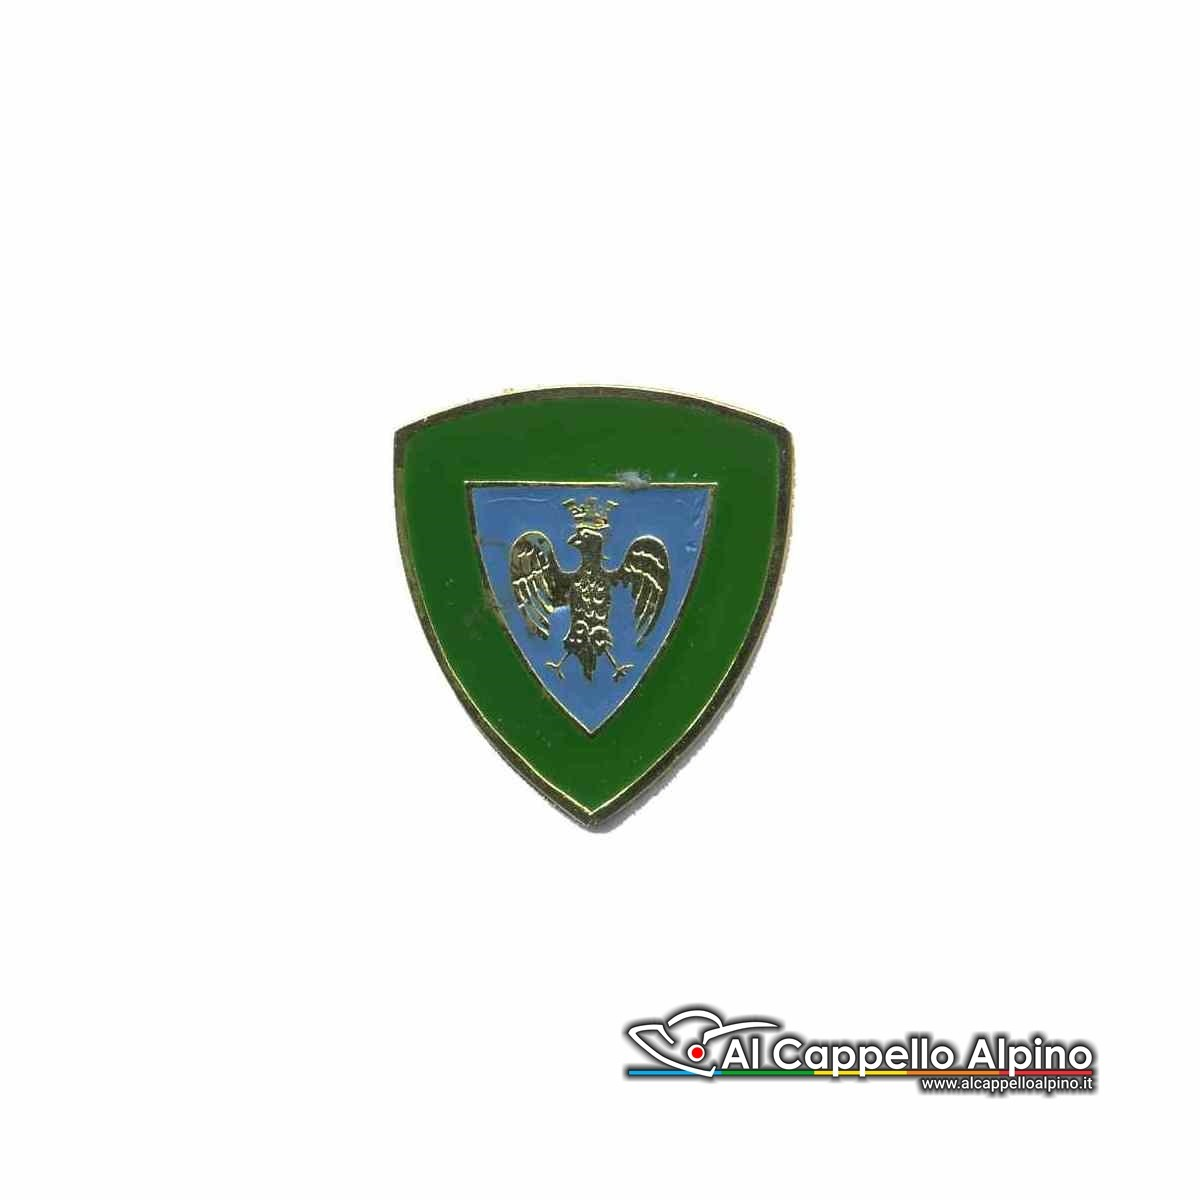 Scudetto della Brigata Alpina Julia - Al Cappello Alpino 0ddc56a802a5